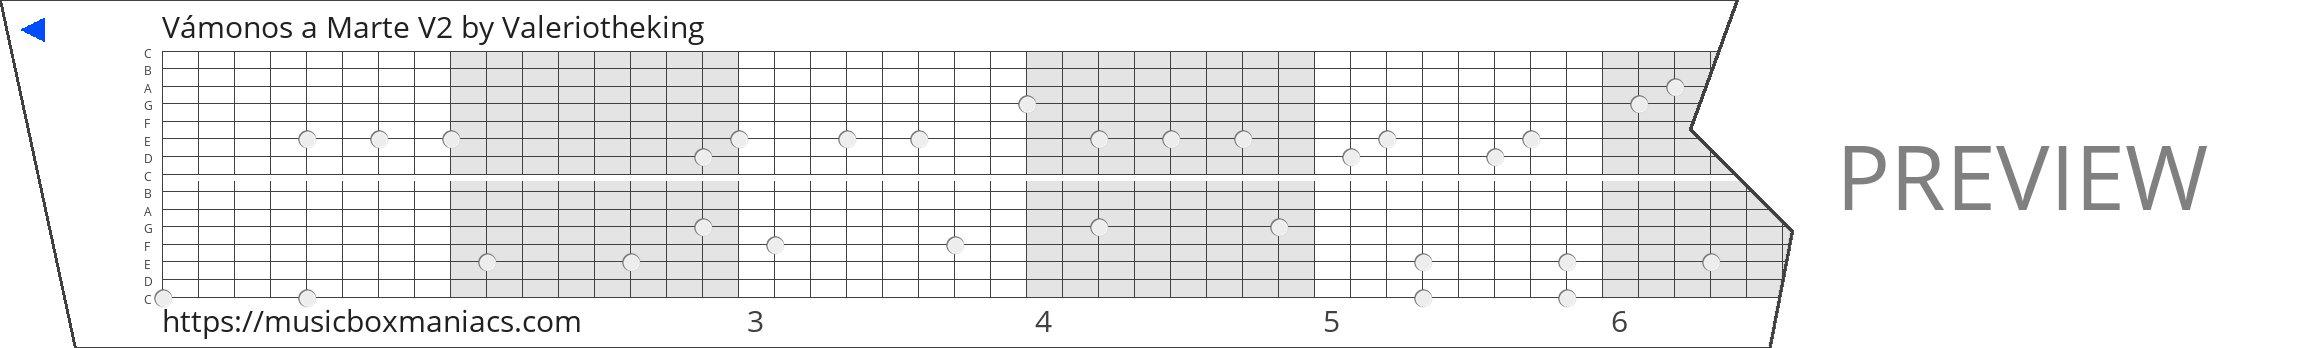 Vámonos a Marte V2 15 note music box paper strip